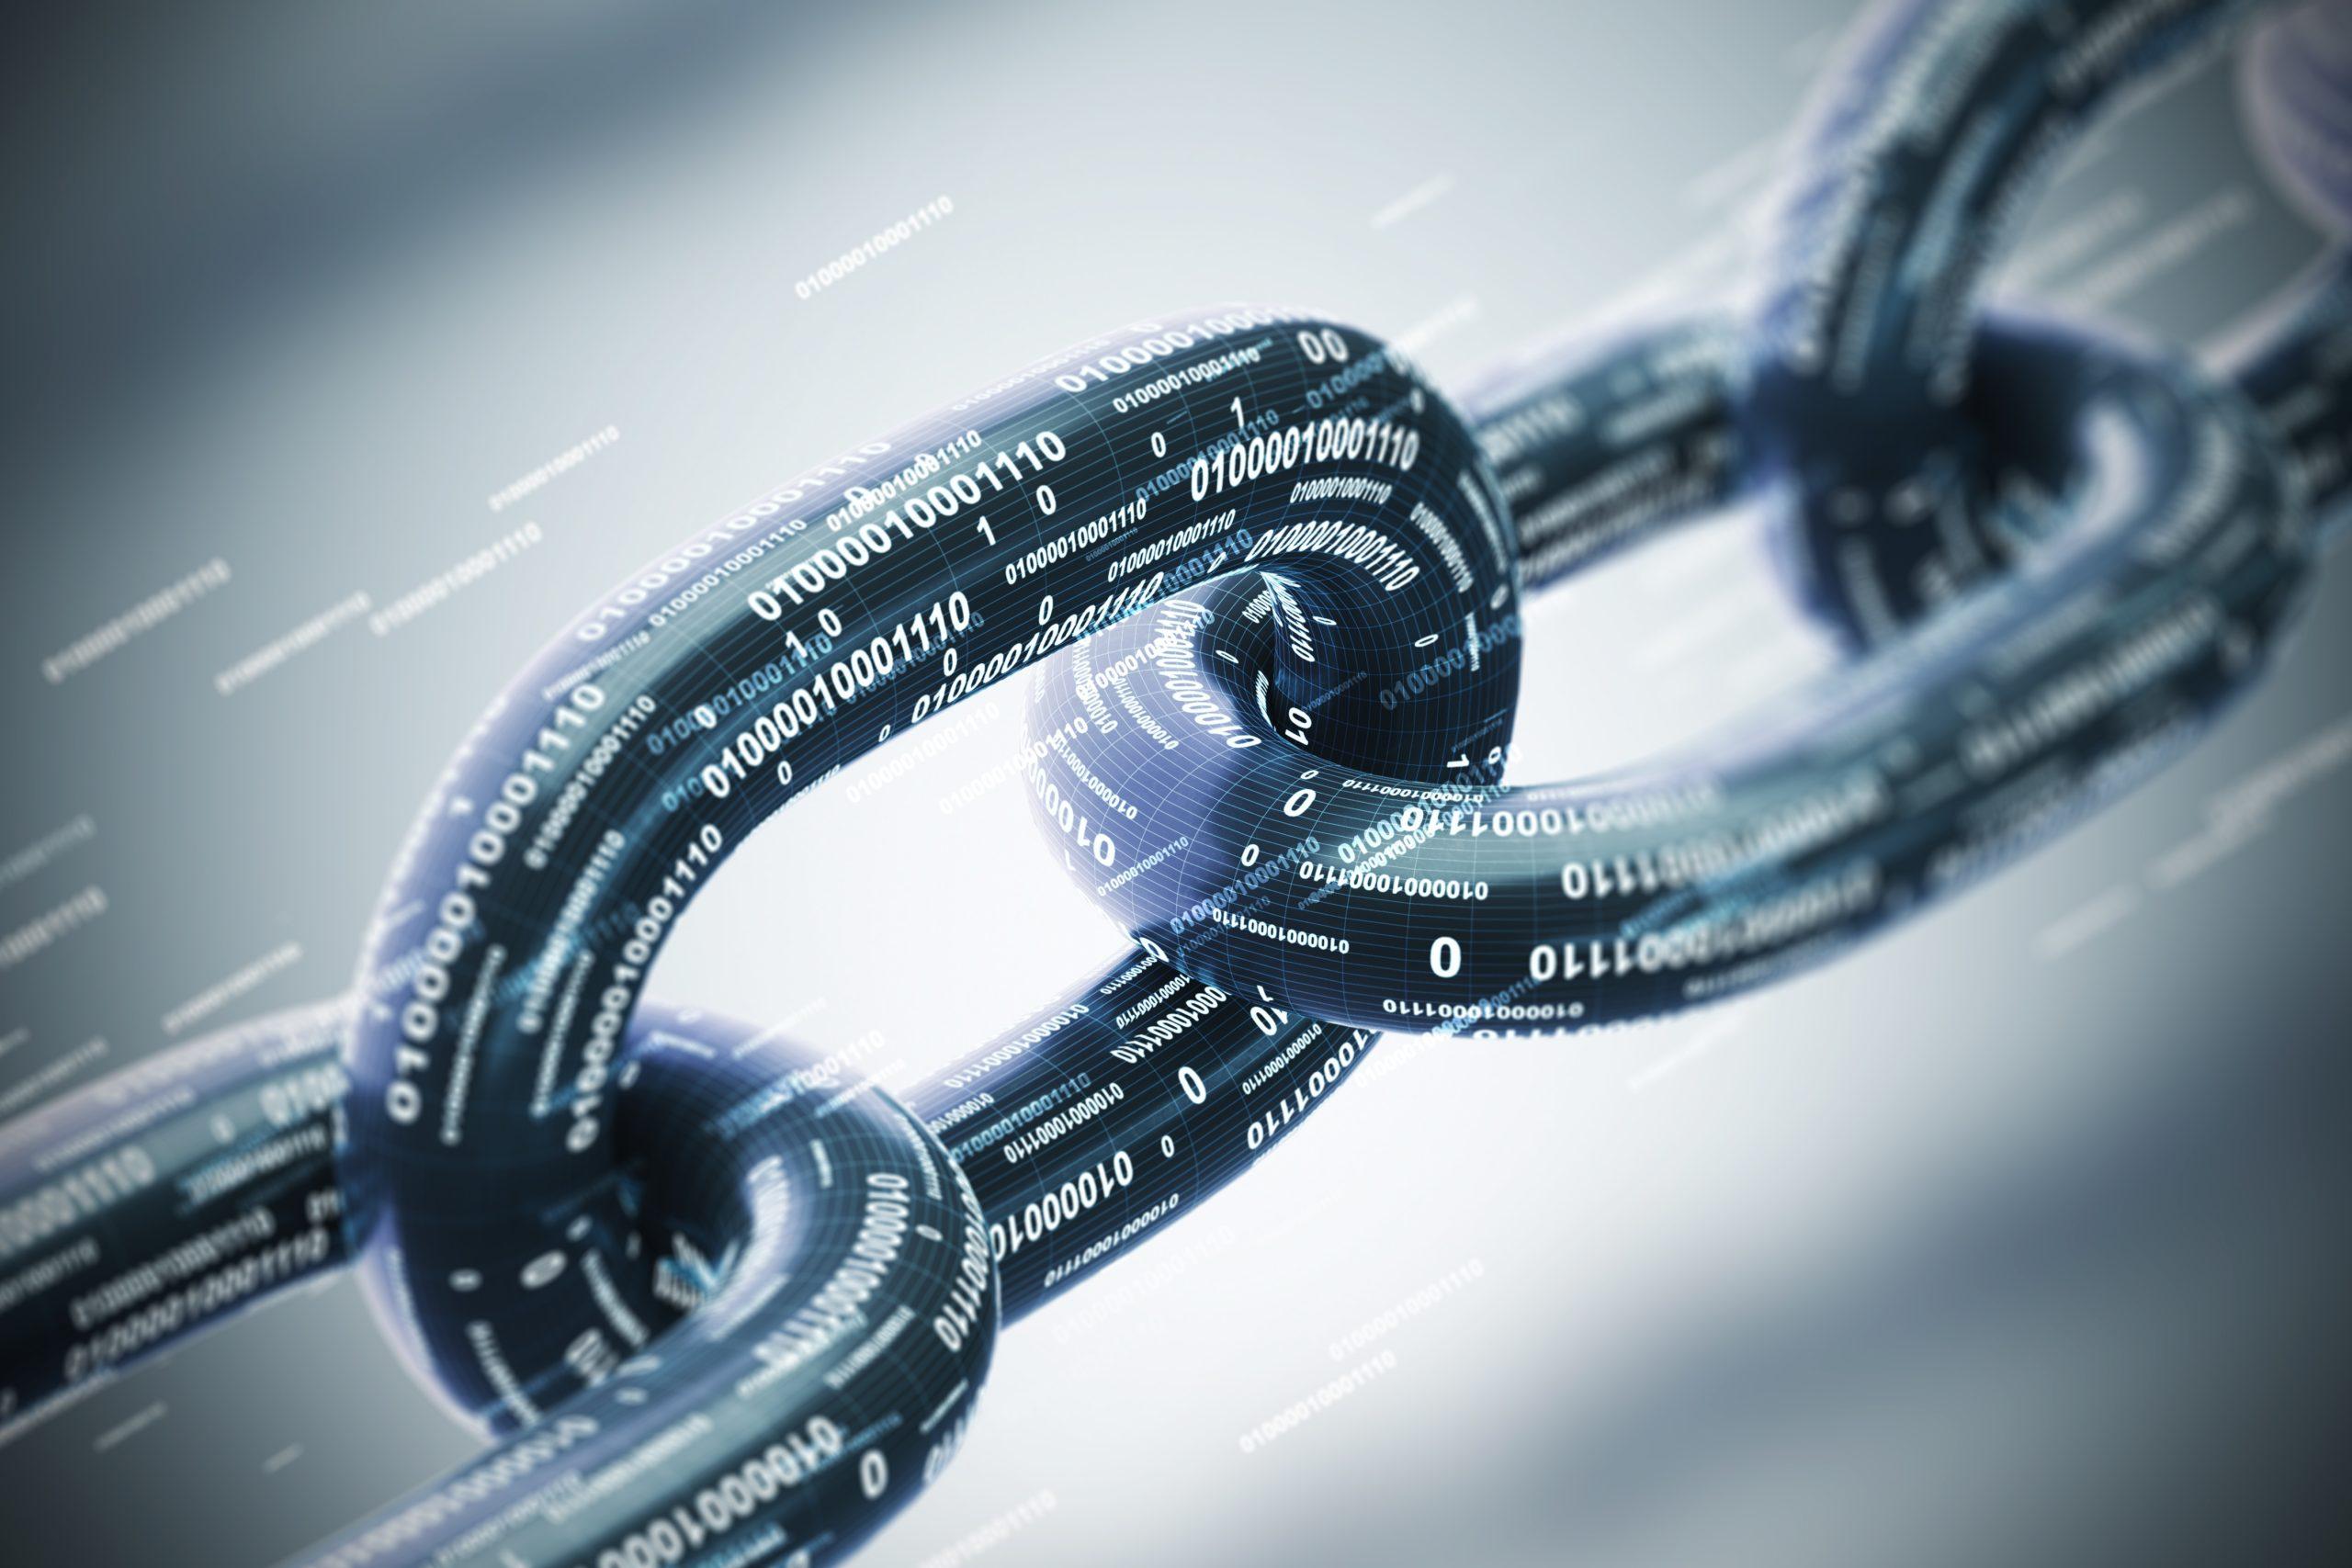 La cyber-sécurité nécessite une bonne répartition des investissements